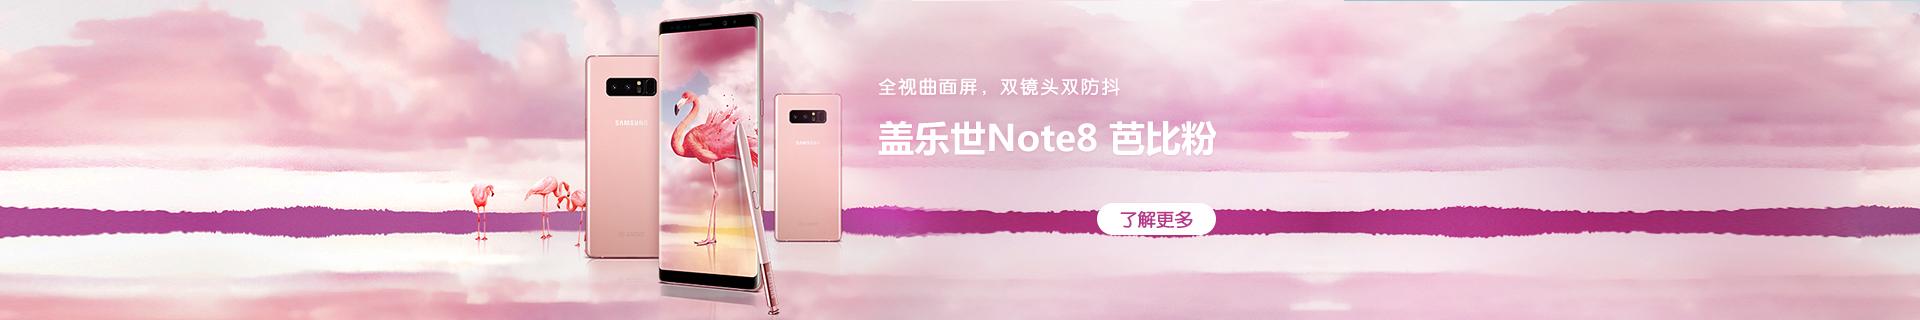 盖乐世Note8 芭比粉